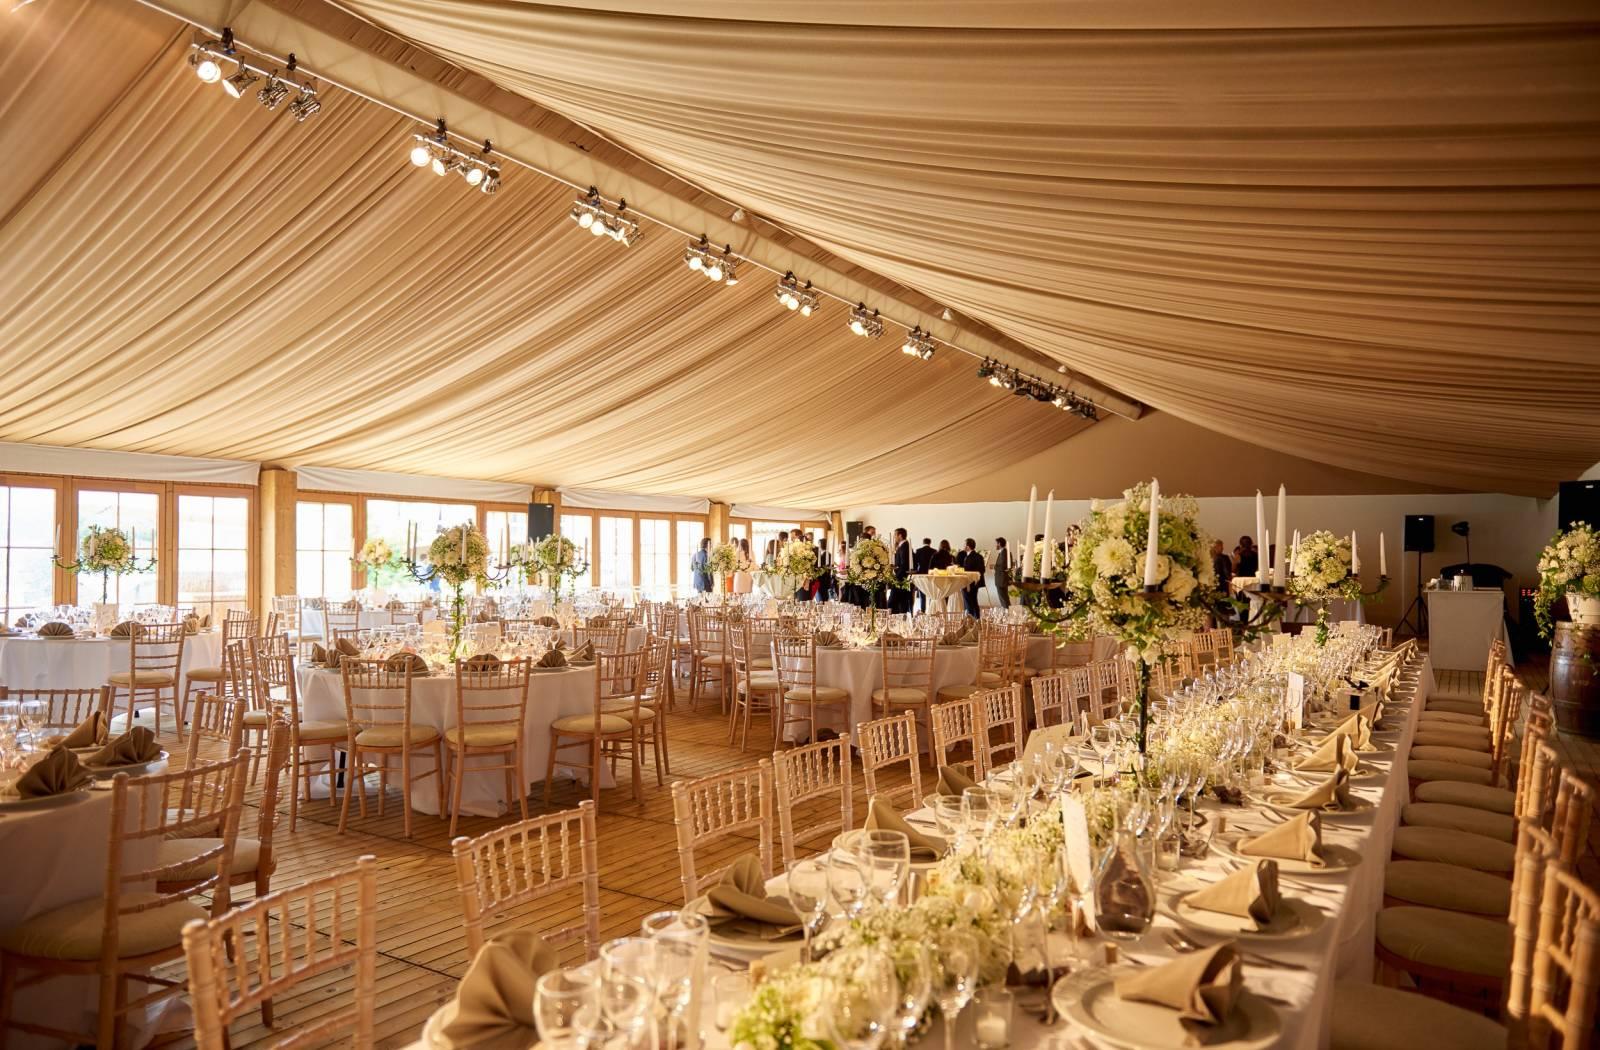 Tentmoment - Feesttent - Tent Event - Verhuur Tenten - Fotograaf Jurgen De Witte - House of Events - 5